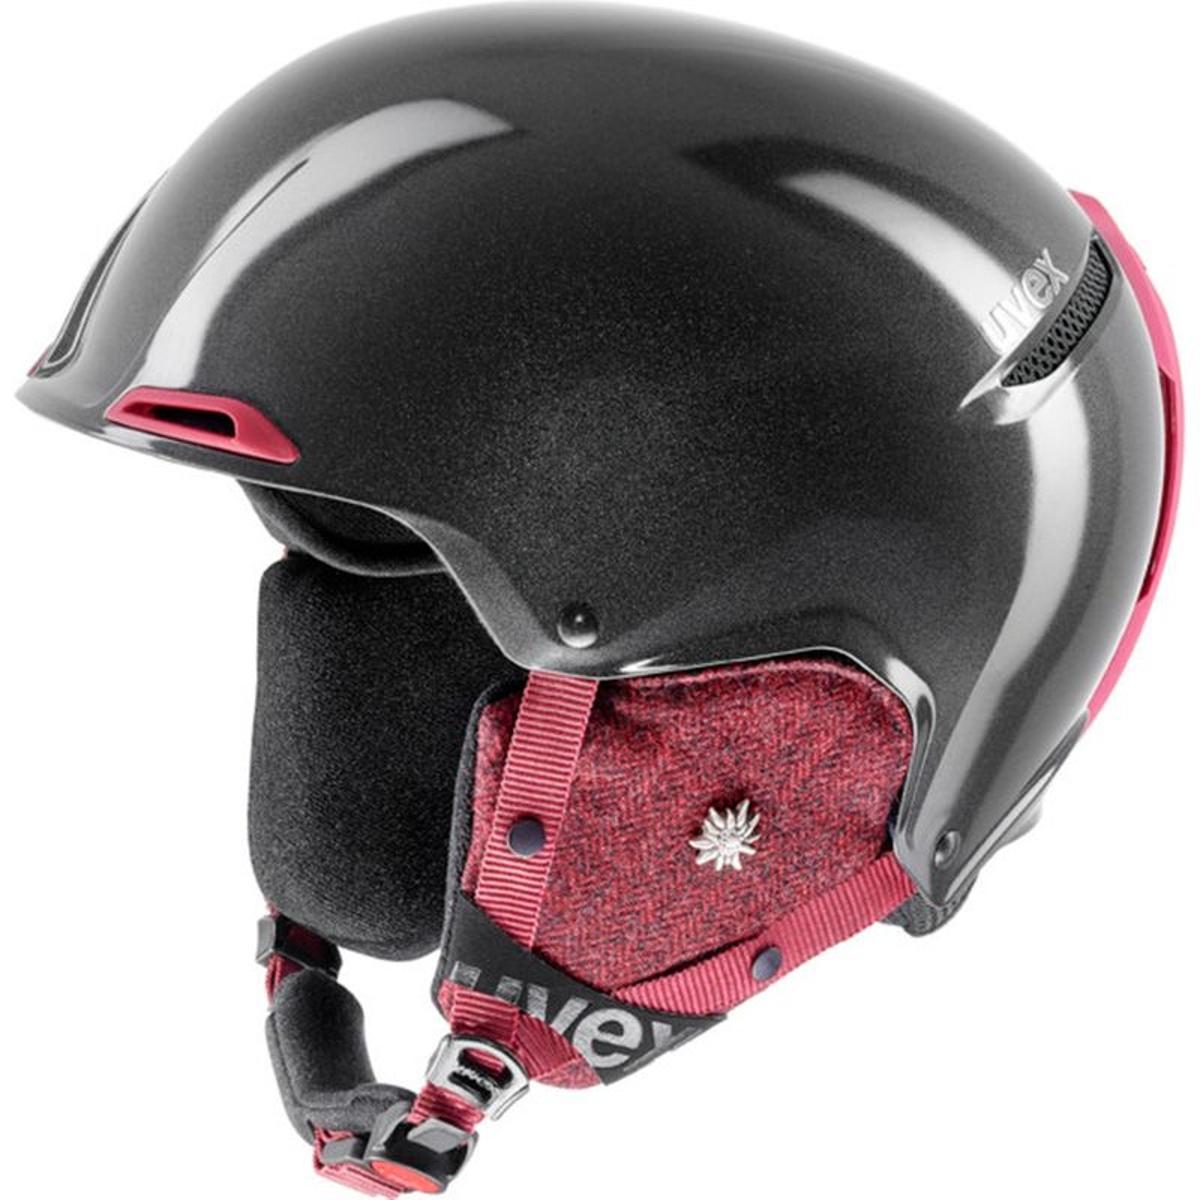 1ce17c30155fa2 UVEX Jakk+ - Casque de ski - rouge noir